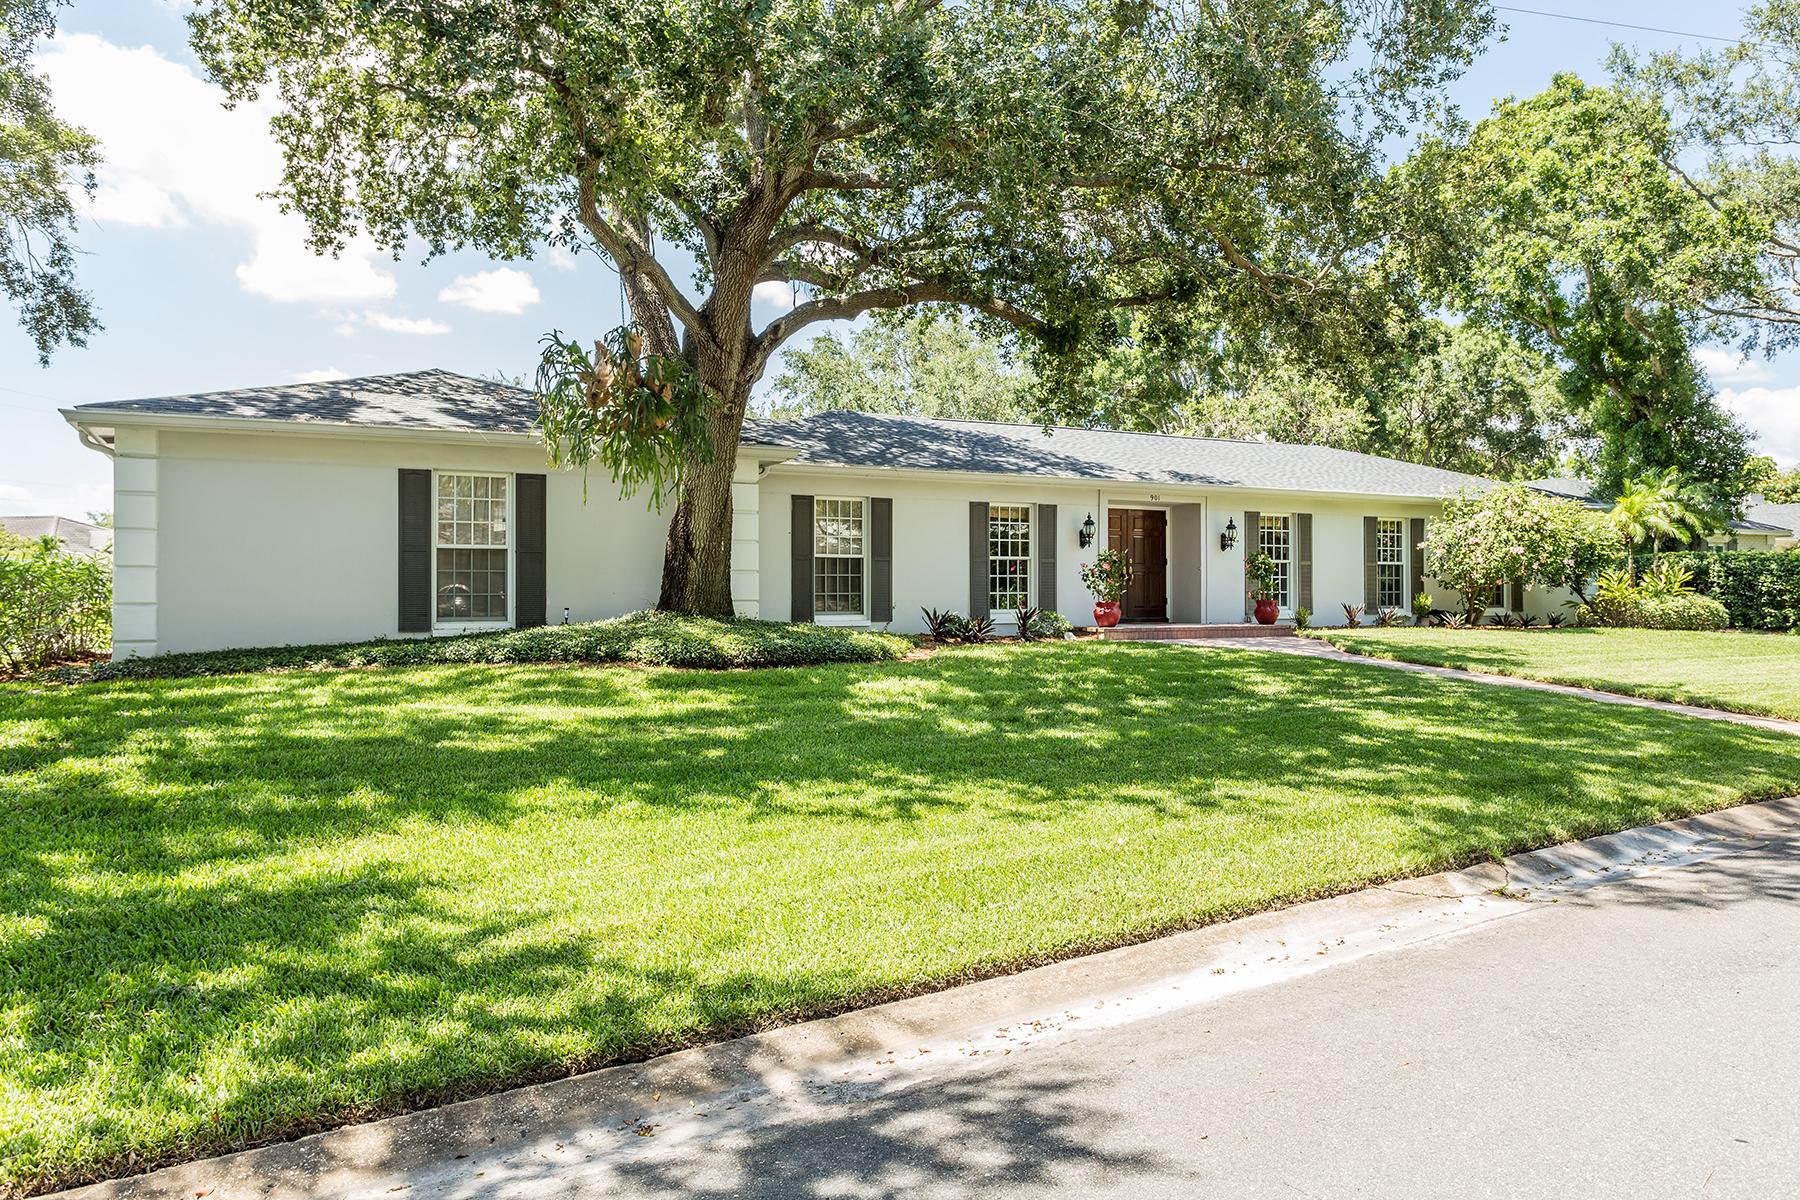 Casa para uma família para Venda às SNELL ISLE 901 31st Ave NE St. Petersburg, Florida, 33704 Estados Unidos